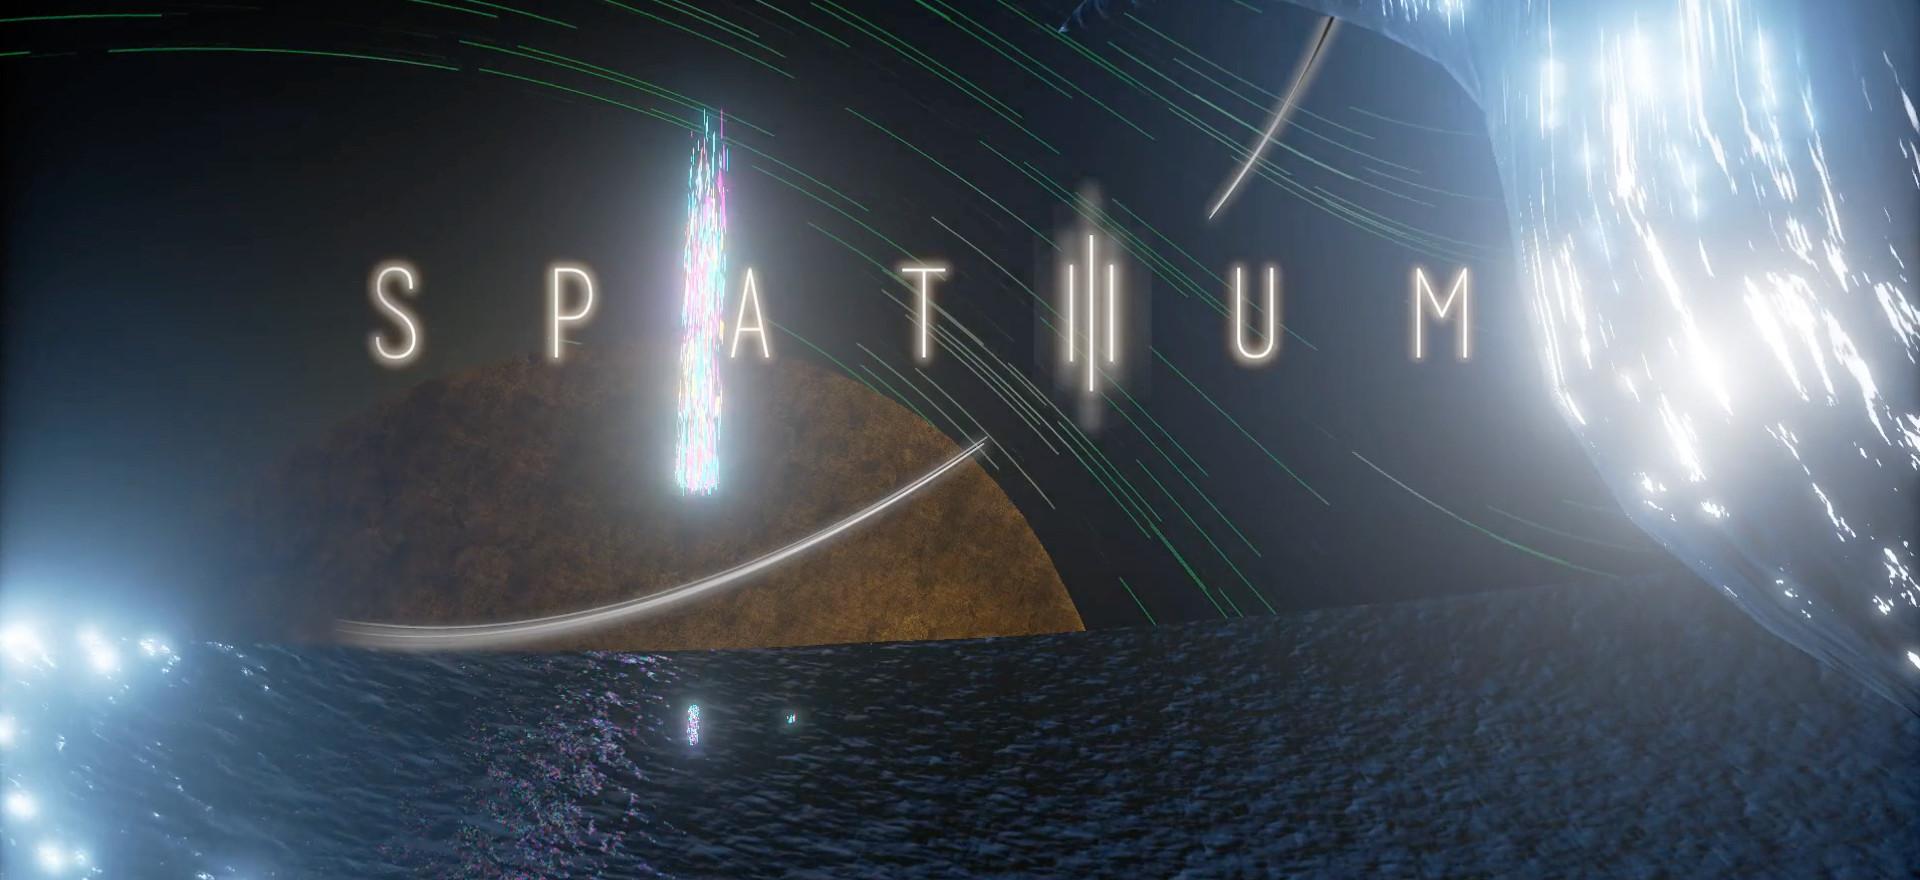 Spatium SXSW